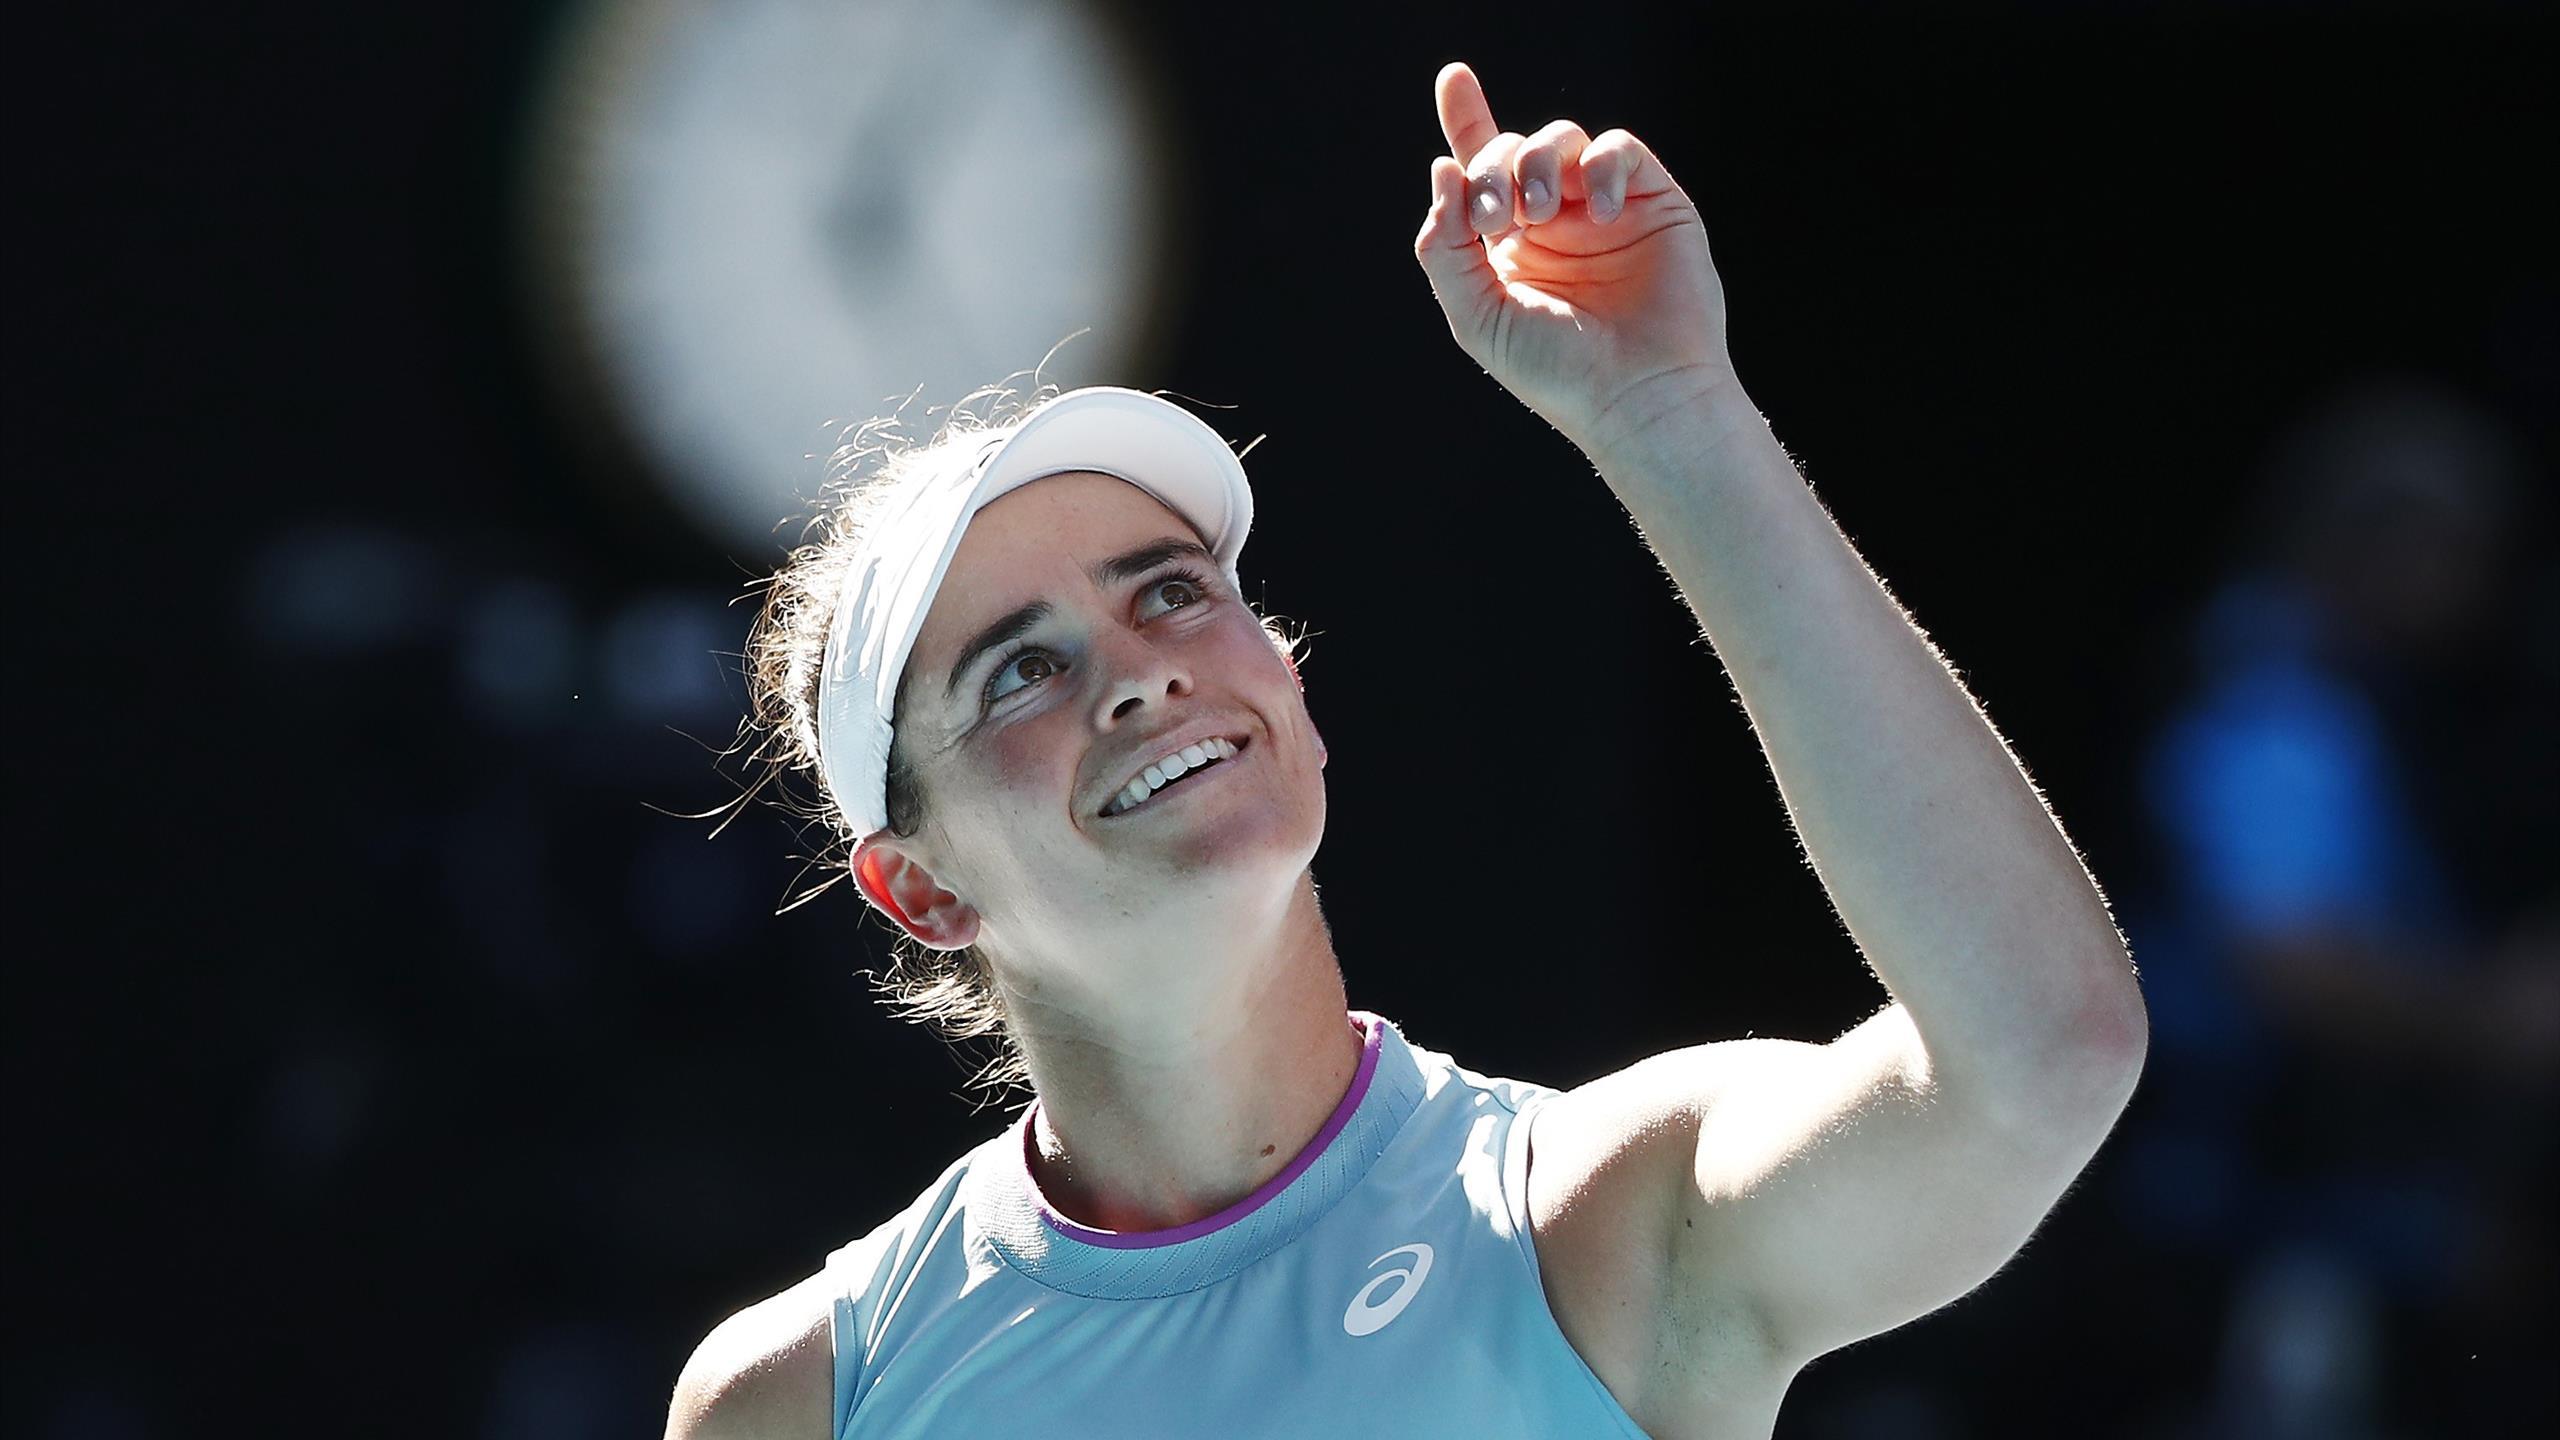 Australian Open: Brady schlägt Muchova im Halbfinale und feiert größten Karriere-Erfolg - Eurosport DE